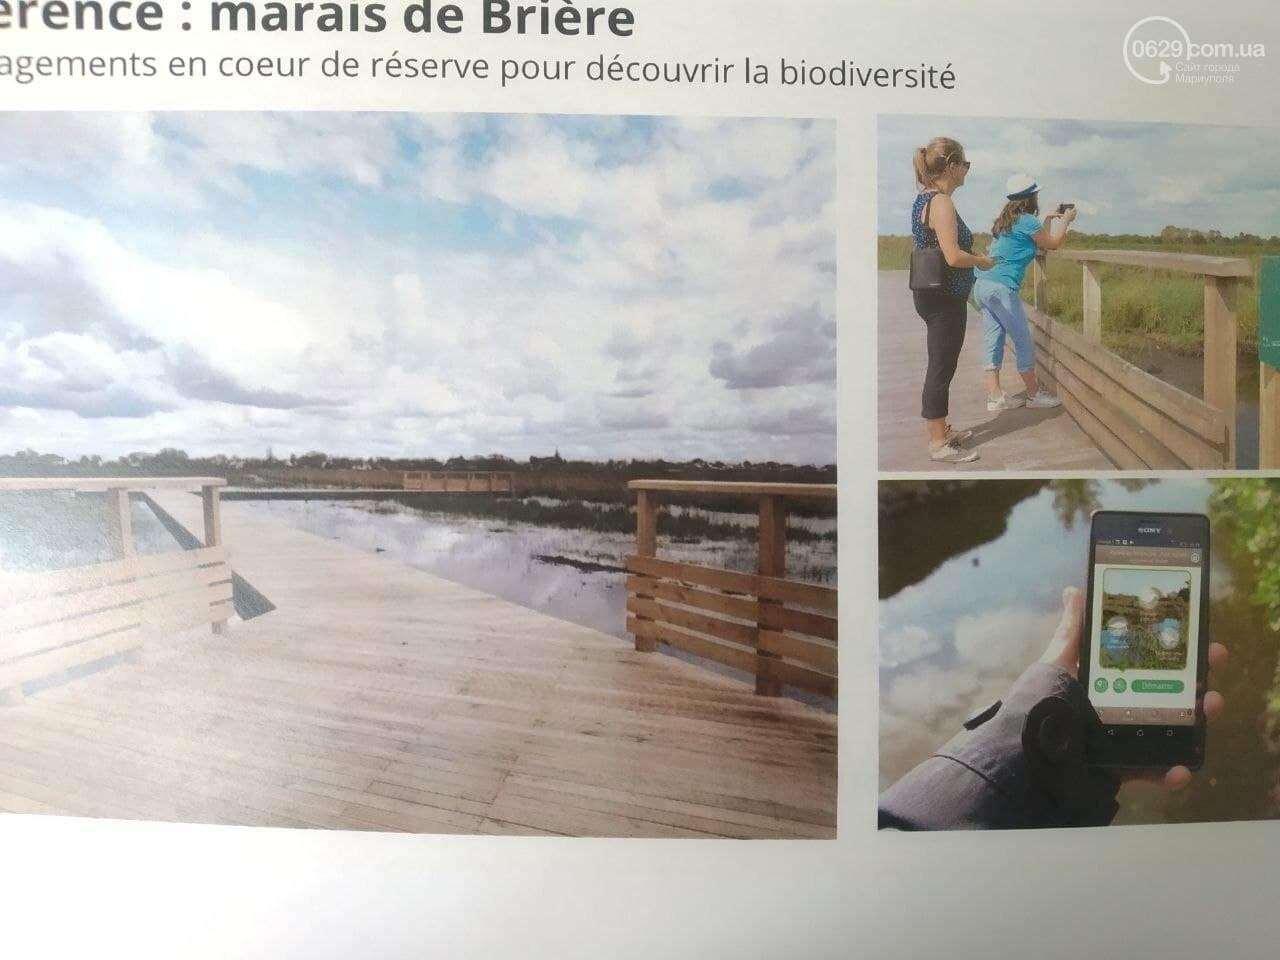 Какими станут мариупольские пляжи. Идеи, предложения, проекты, - ФОТО, фото-6